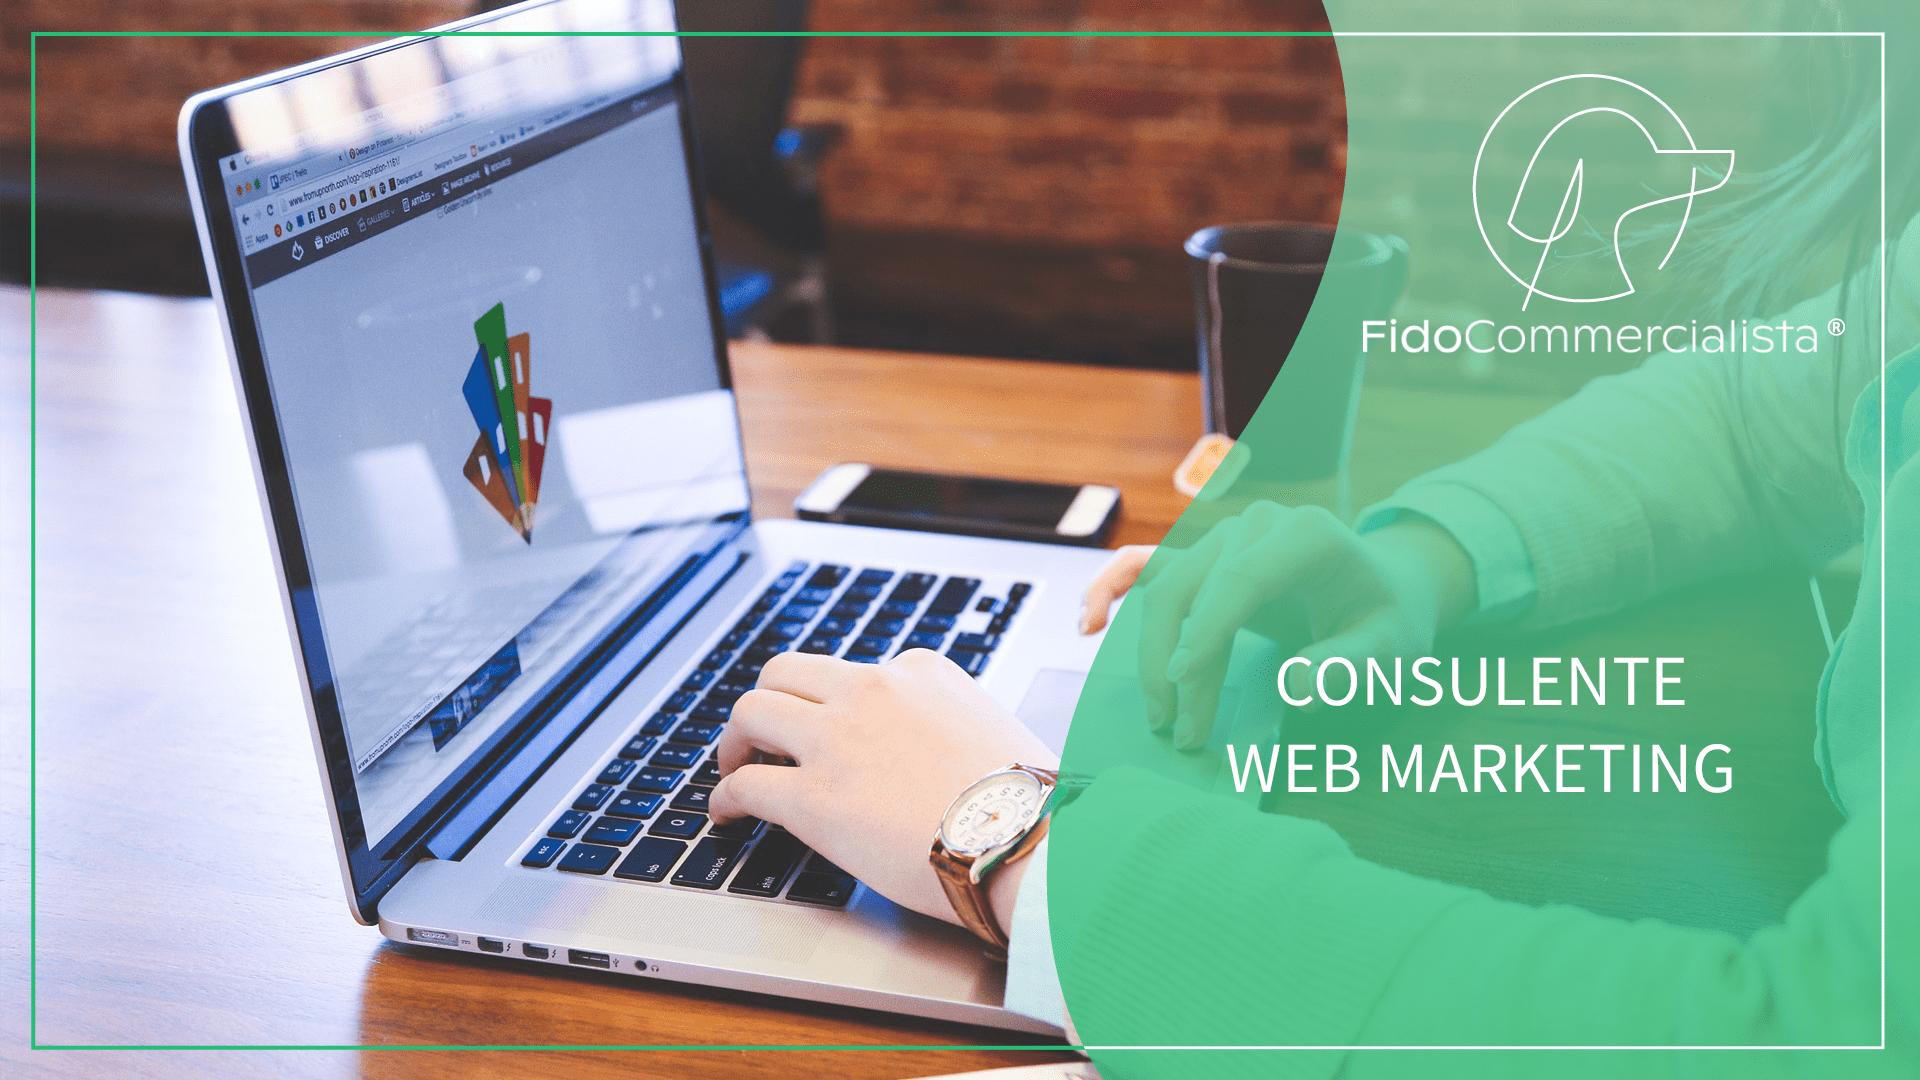 CONSULENTE WEB MARKETING (1)